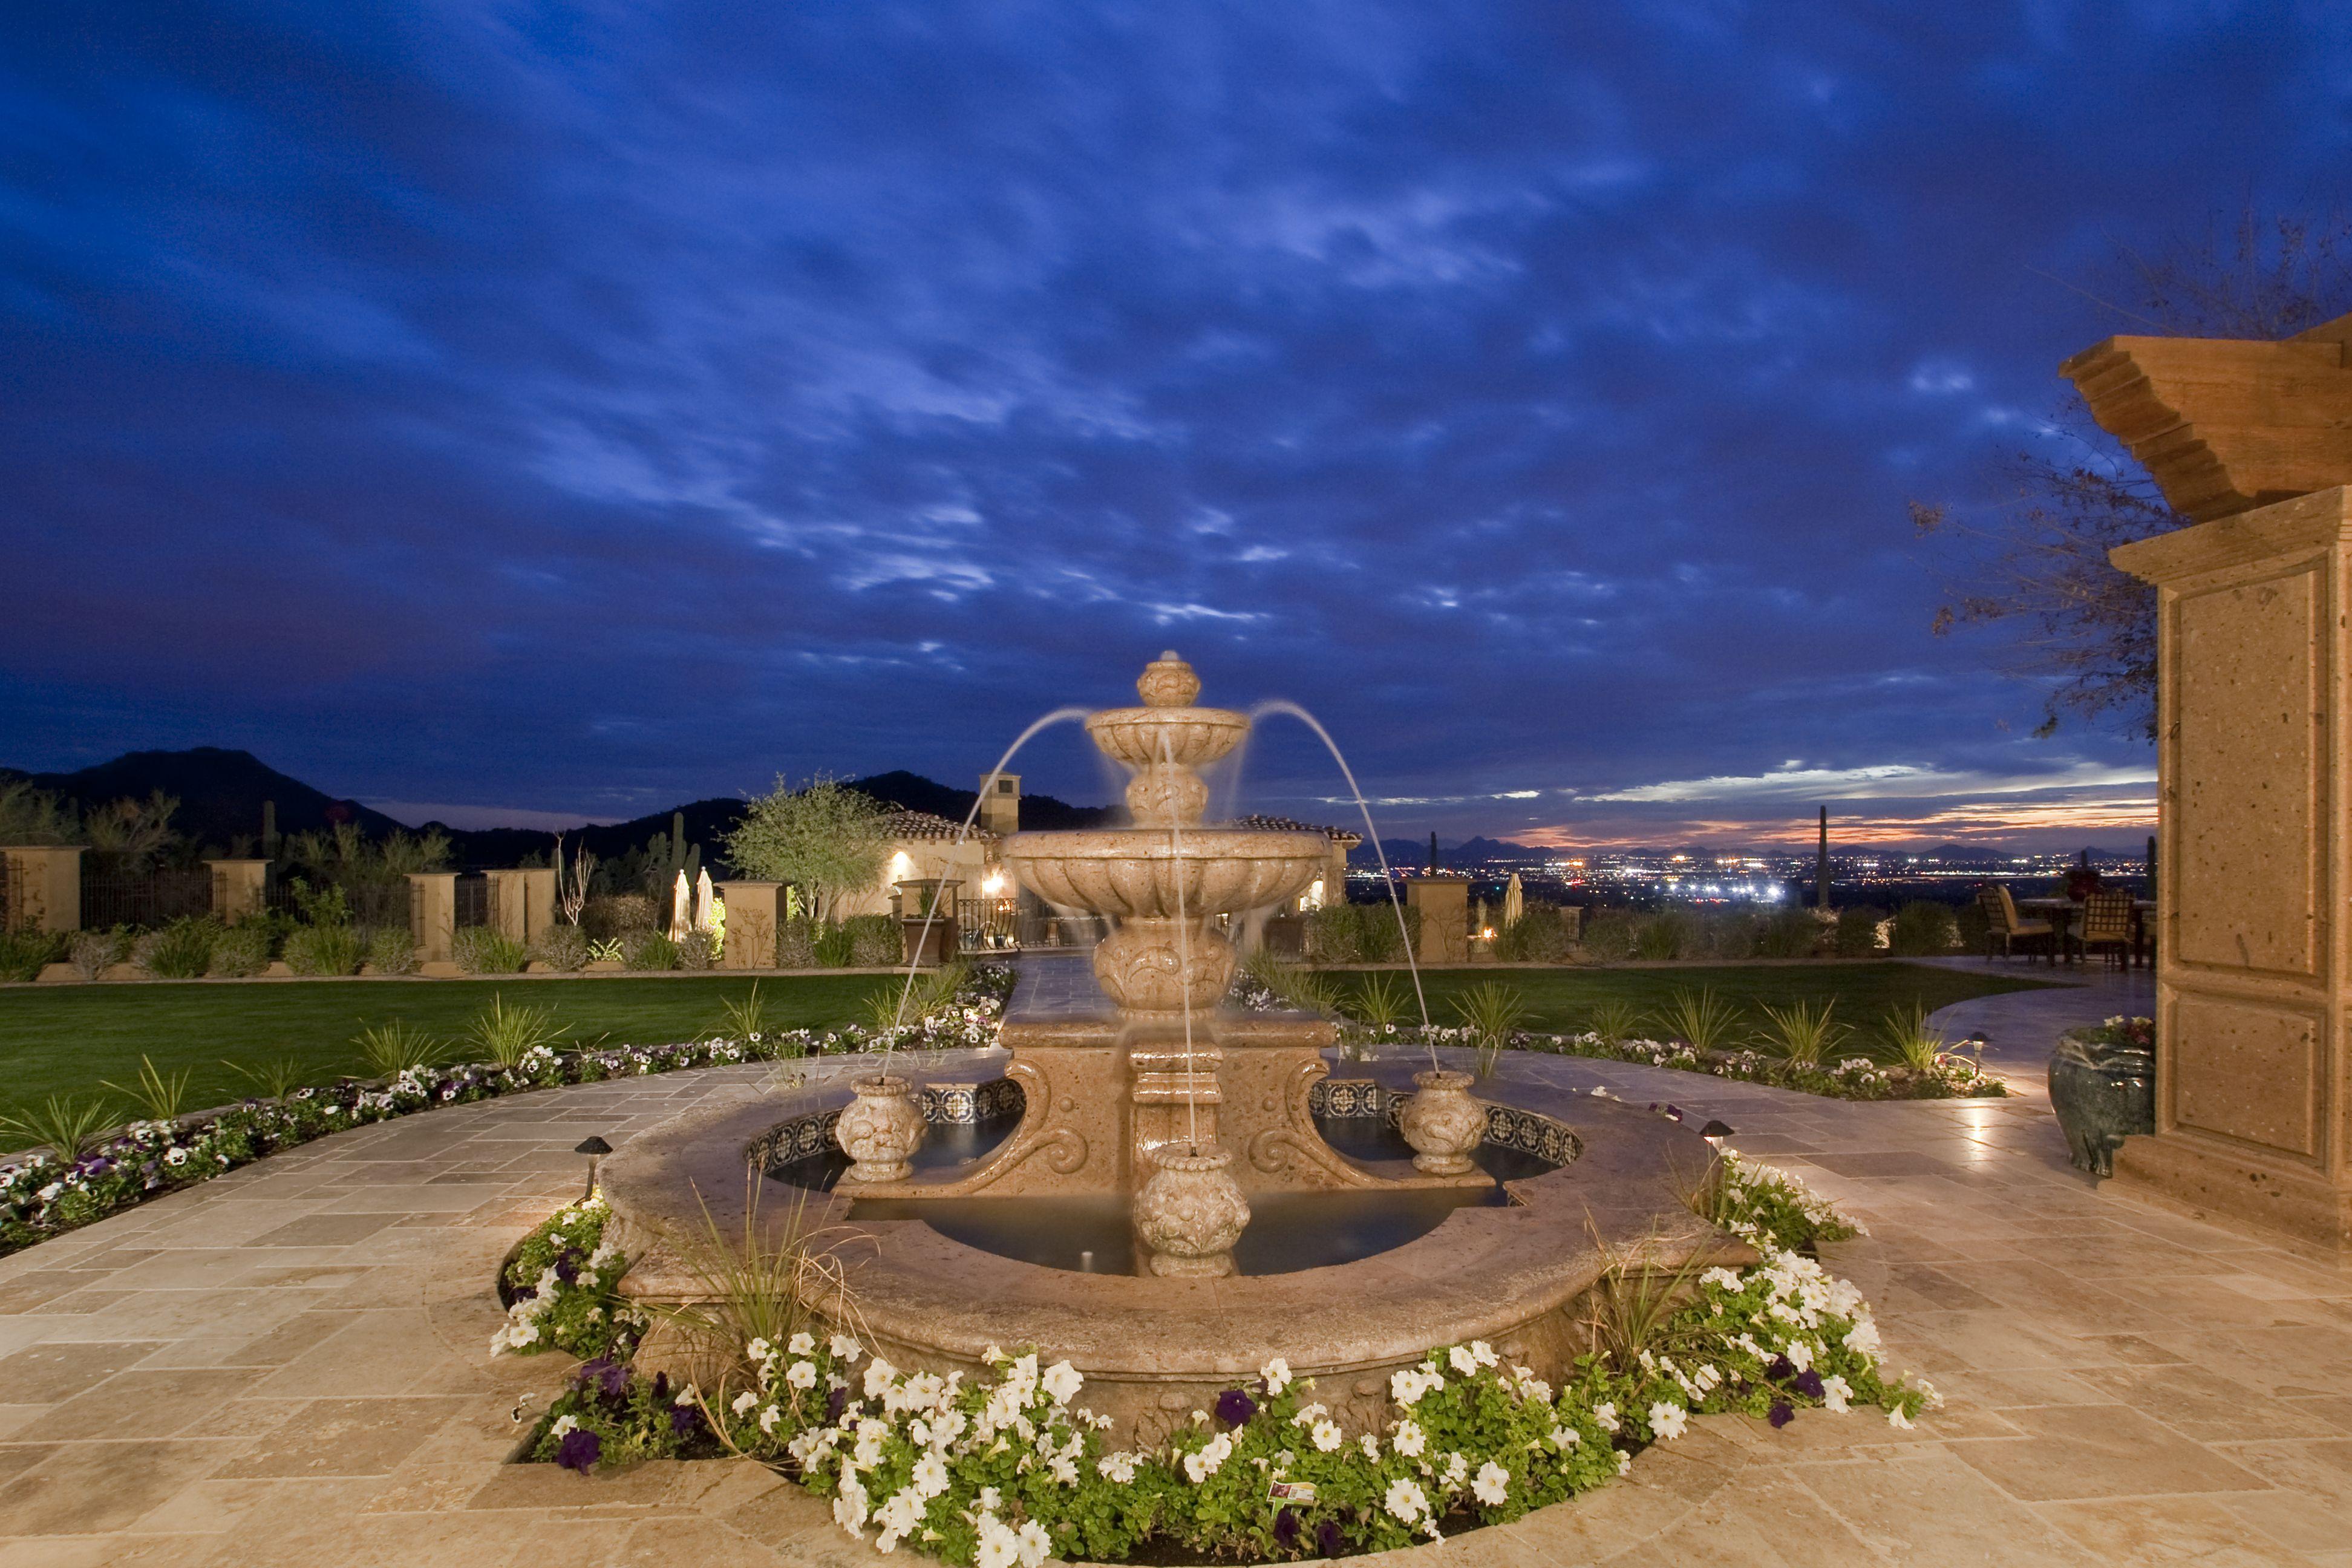 Exterior Fountain at a Italian Villa.